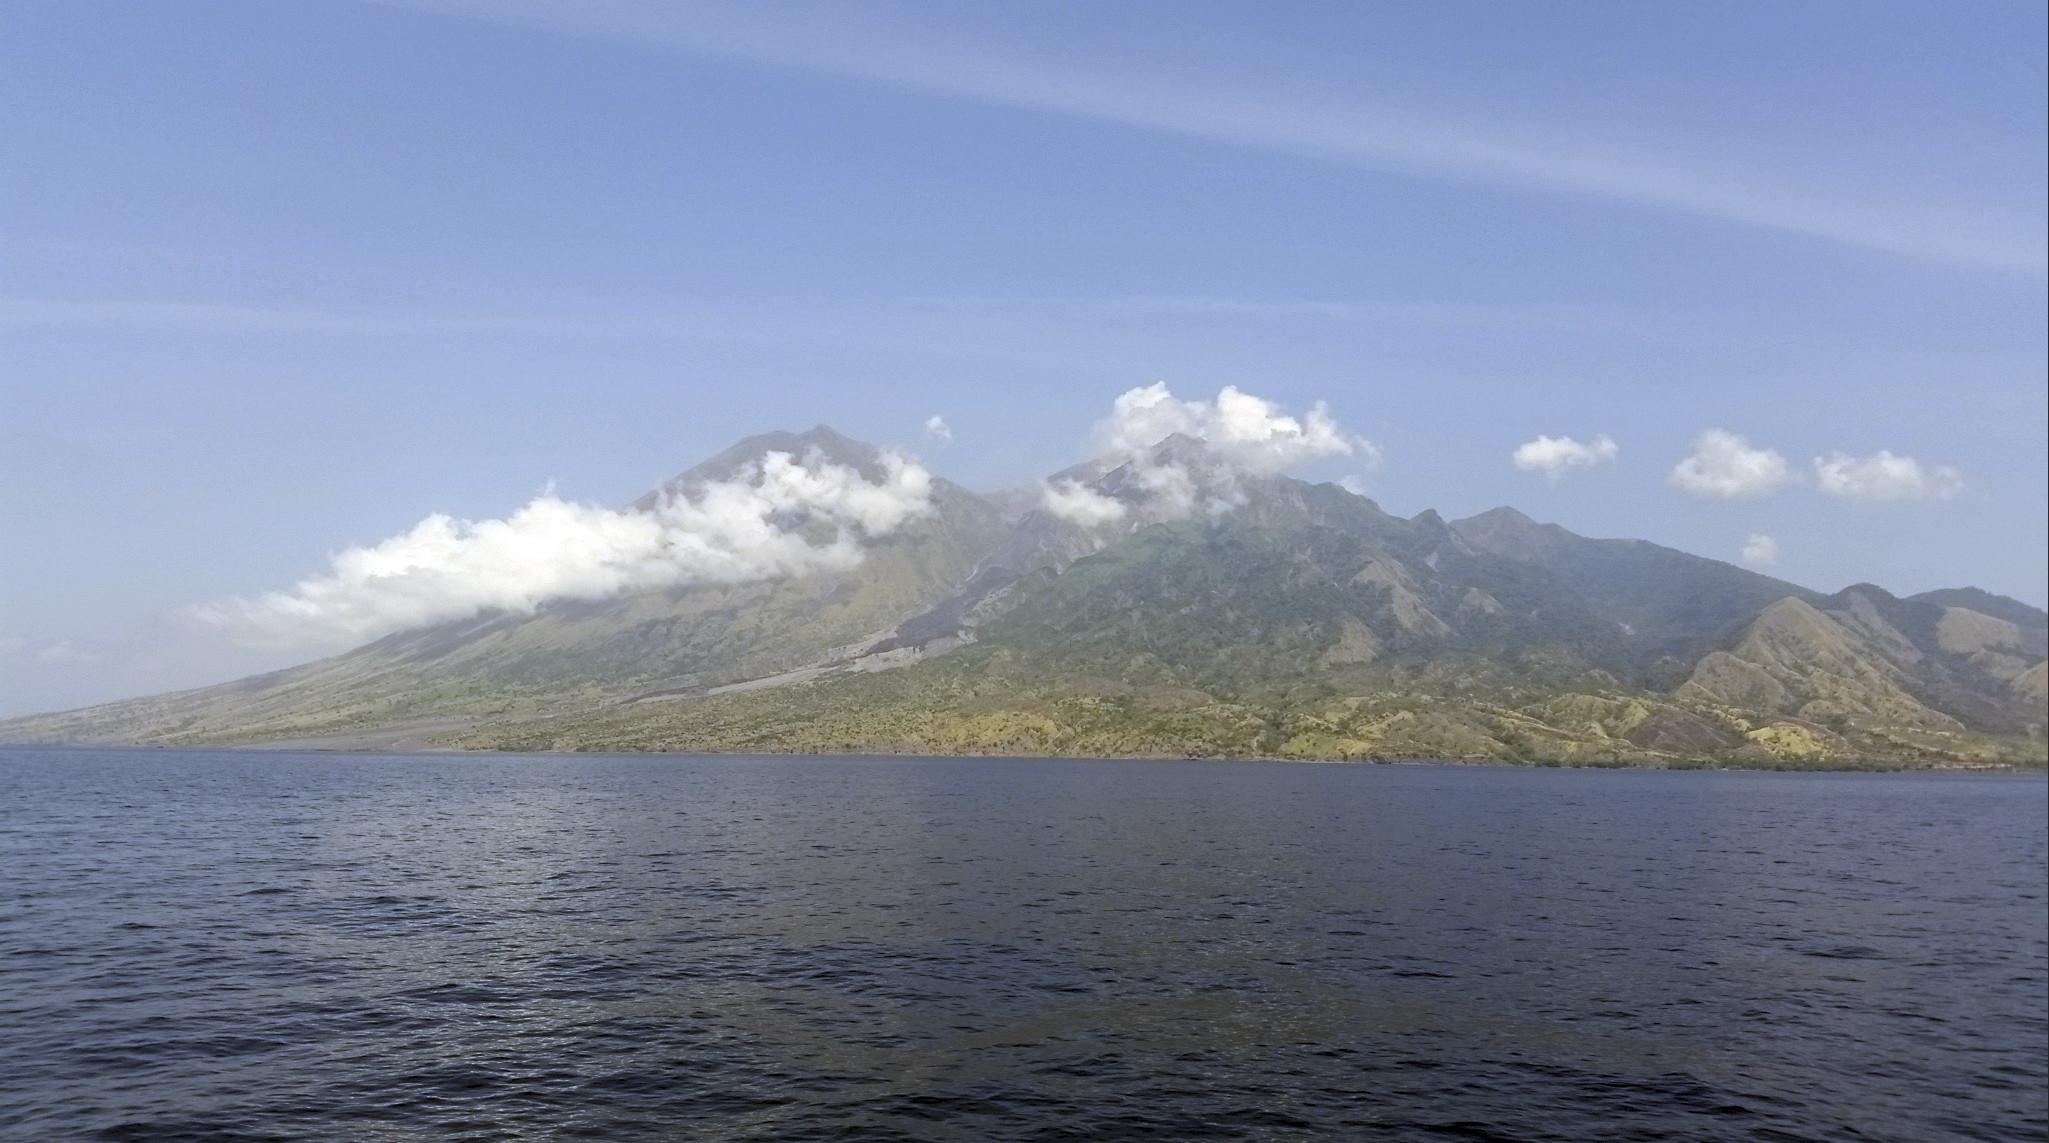 Volcan Sangeang